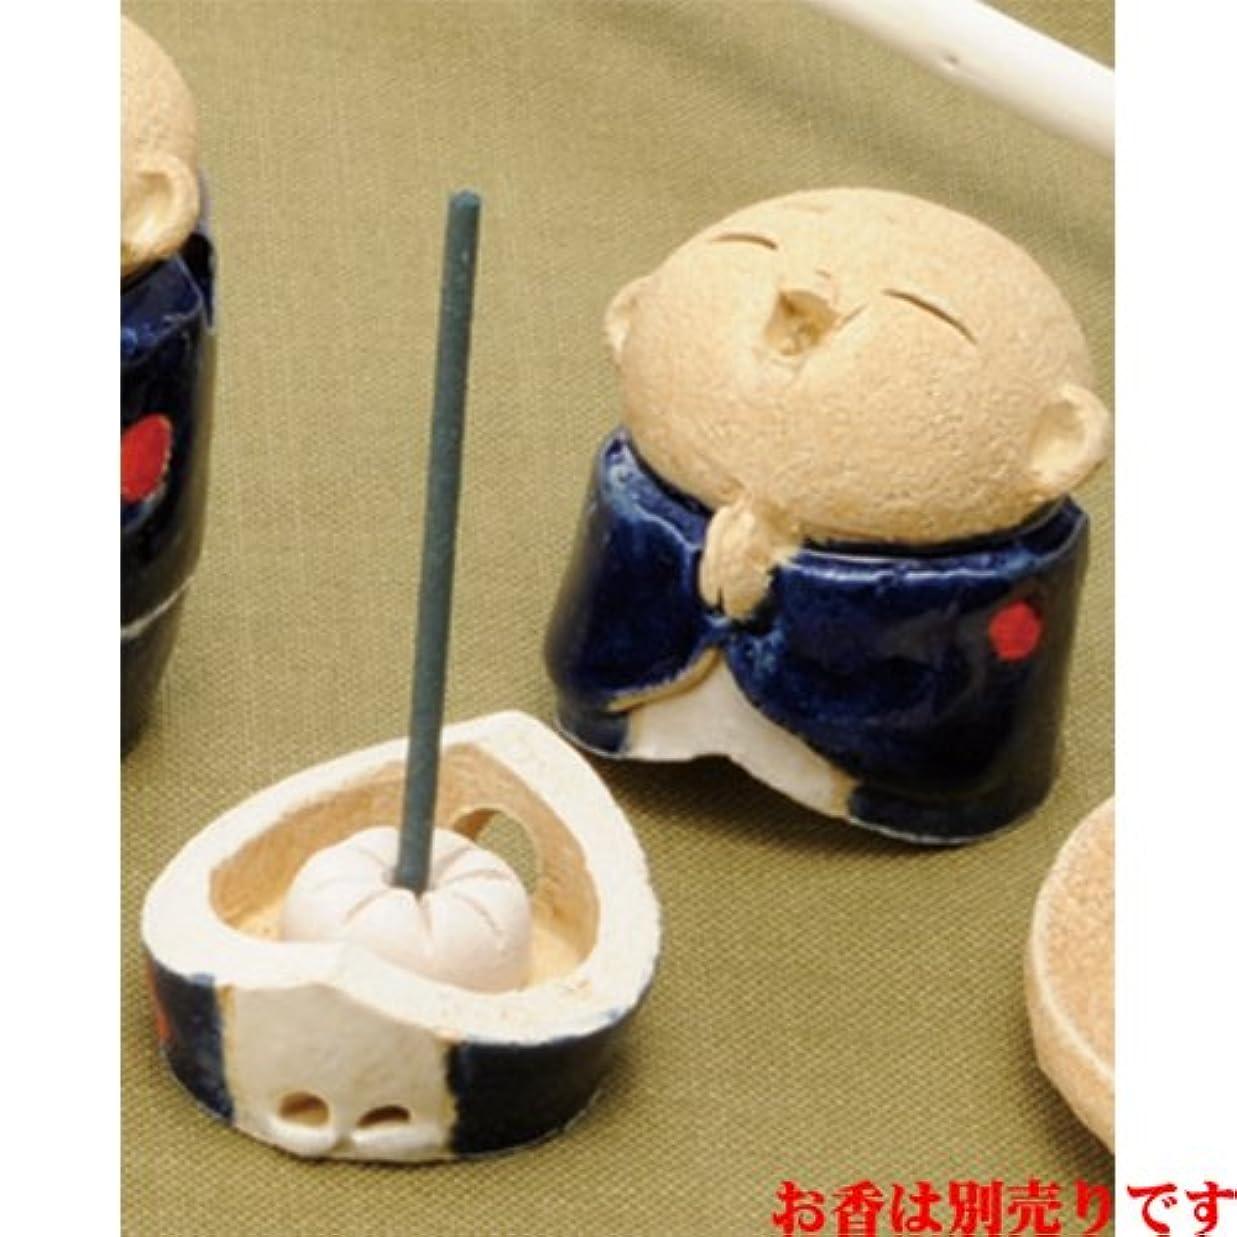 お地蔵様 香炉シリーズ 青 お地蔵様 香炉 2.0寸 [H6cm] HANDMADE プレゼント ギフト 和食器 かわいい インテリア